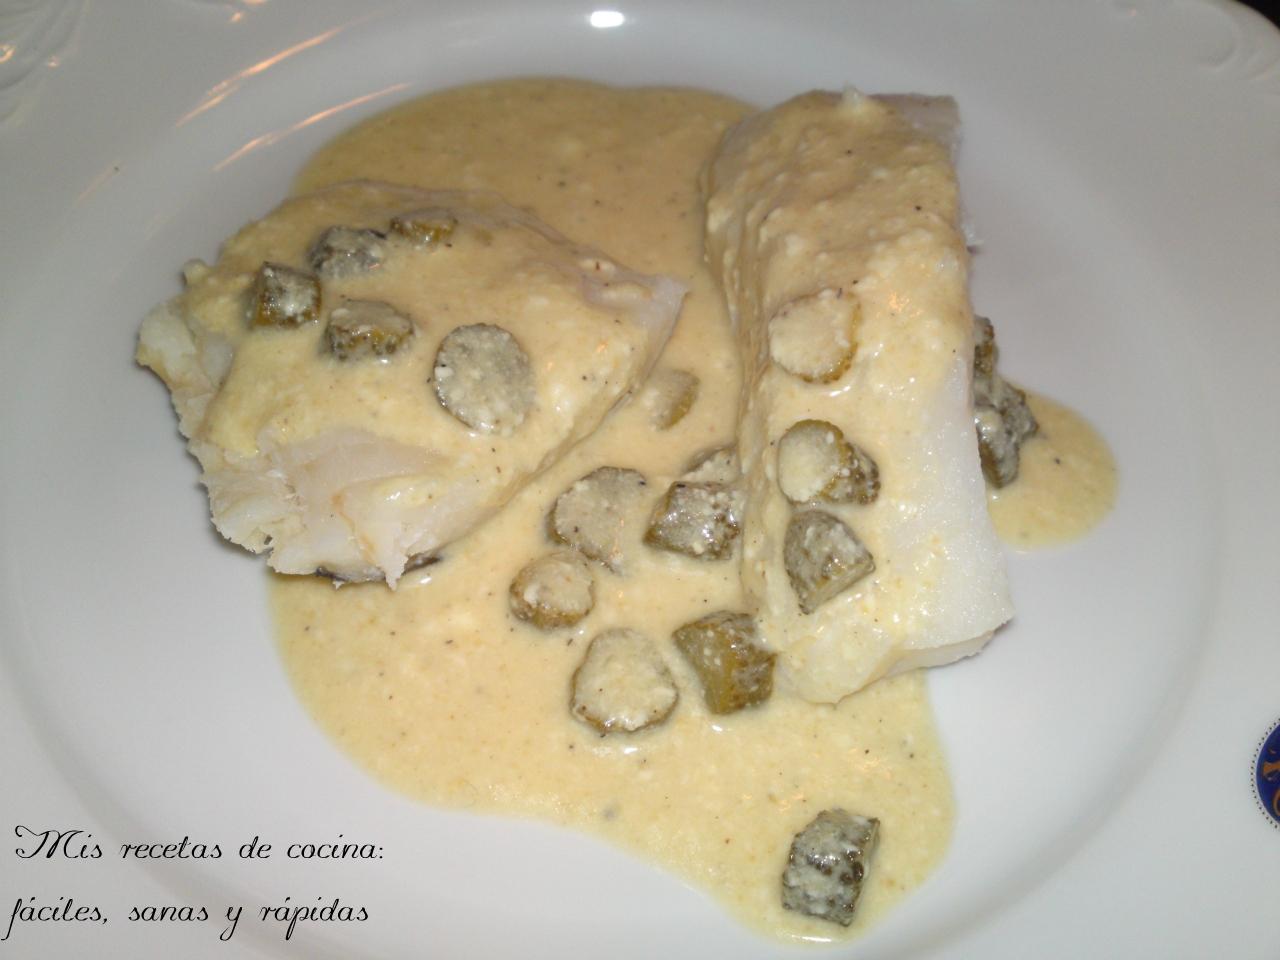 Mis recetas de cocina|FSR: Bacalao con salsa de mostaza